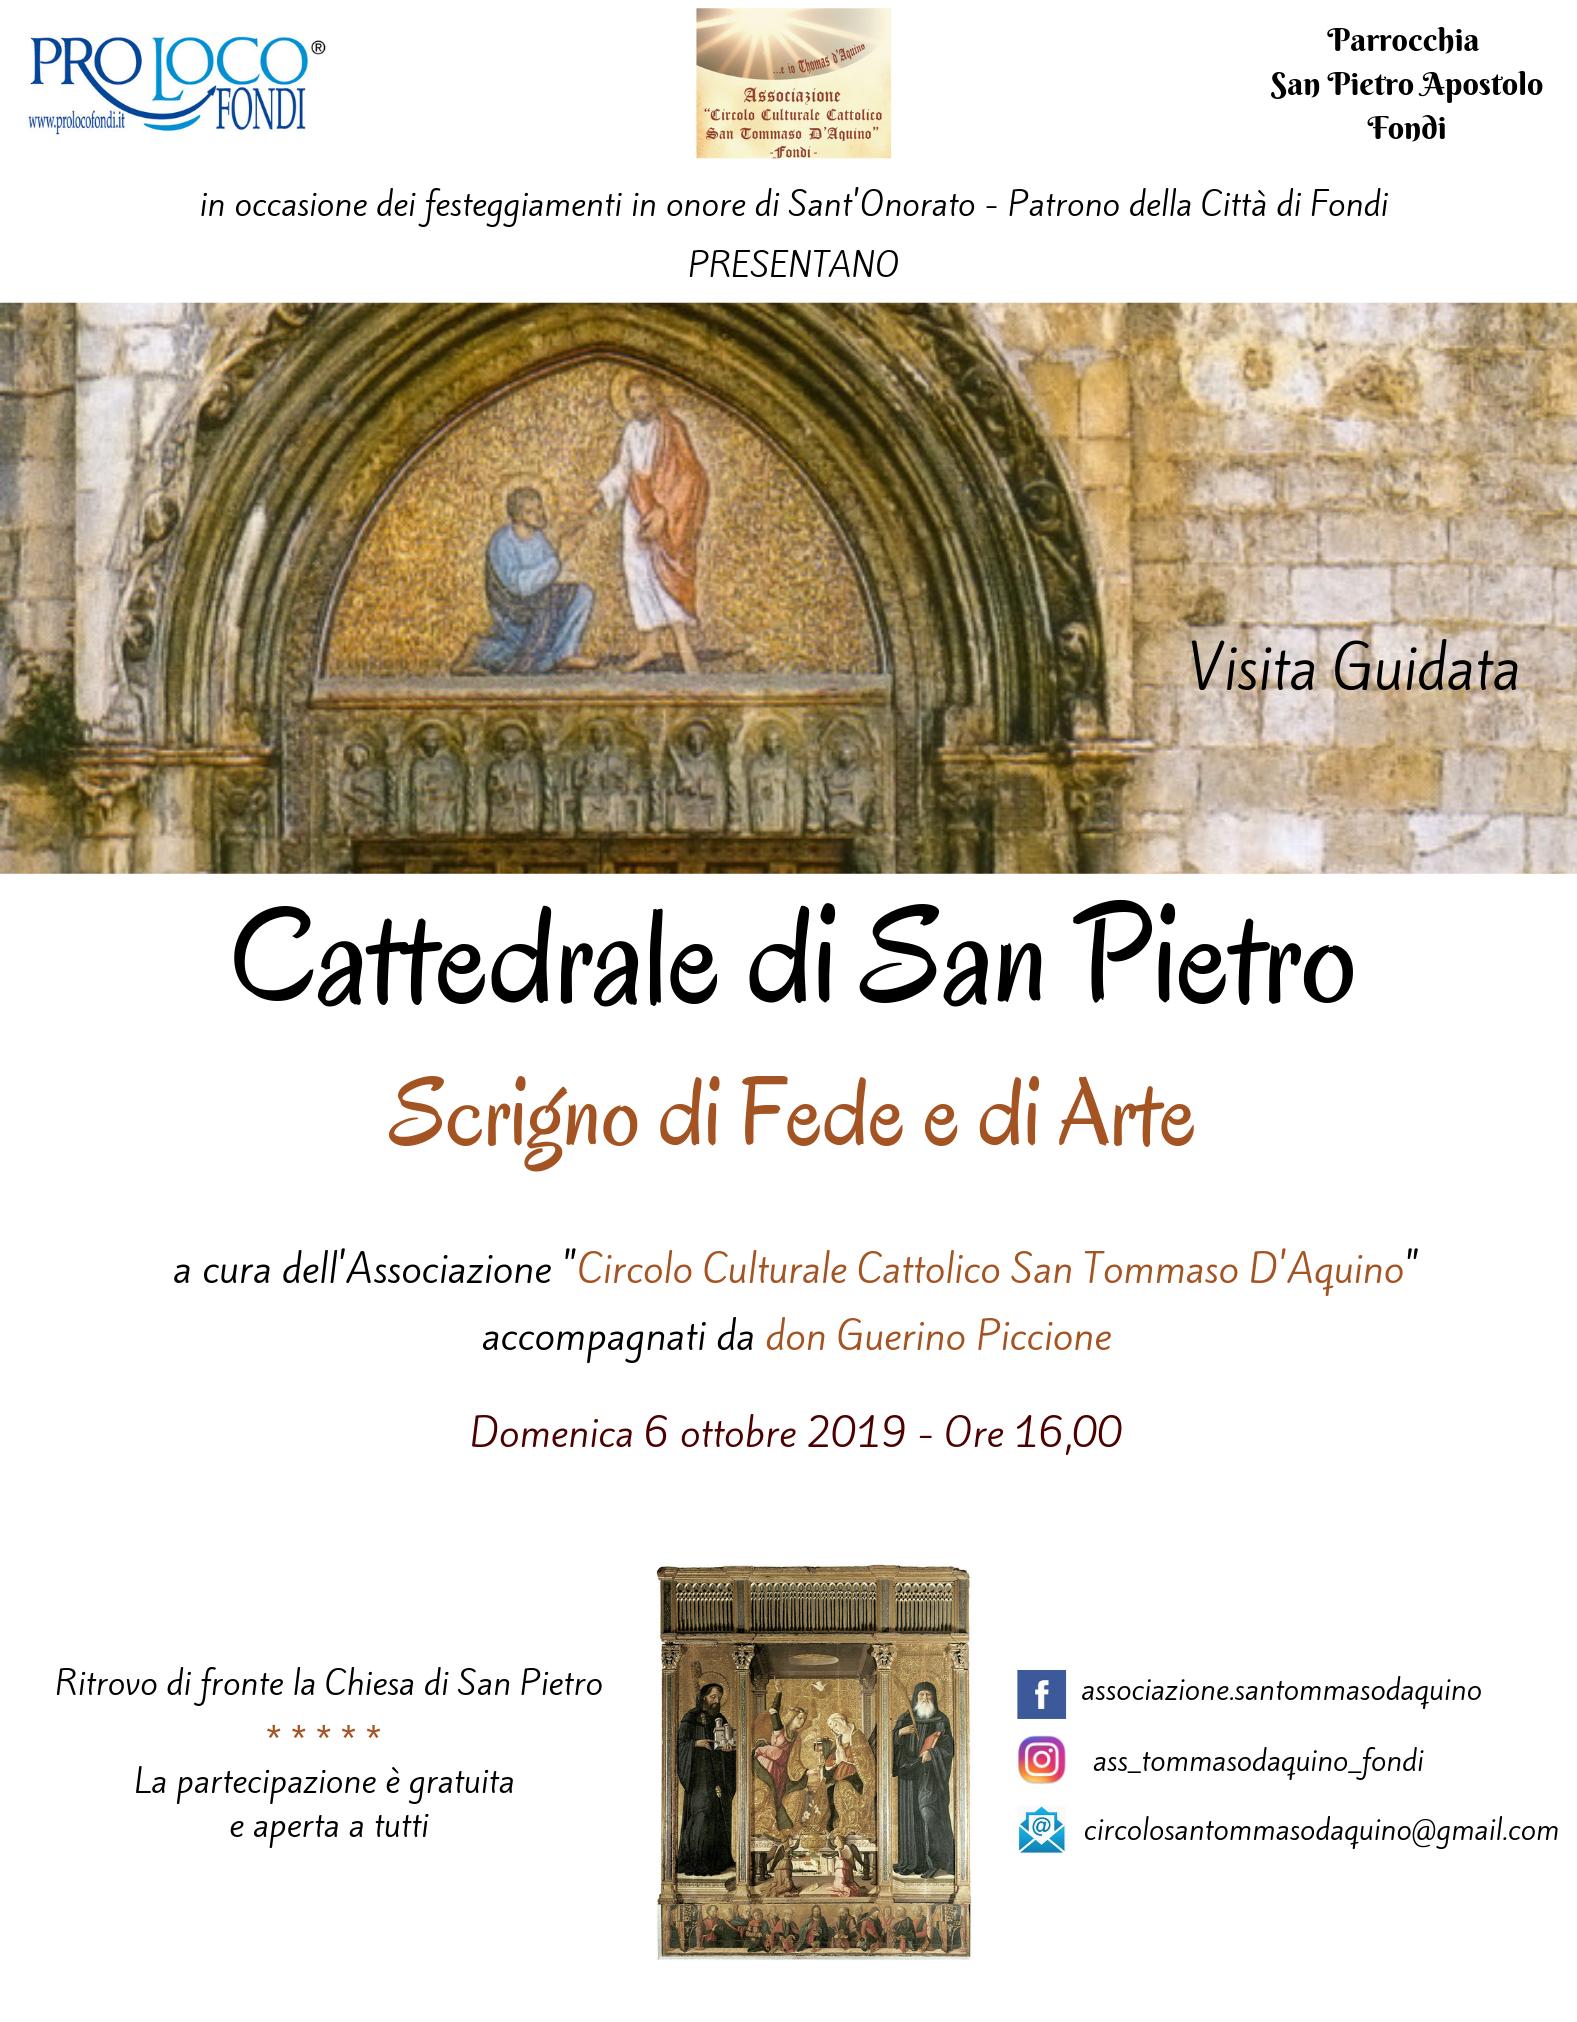 Visita cattedrale